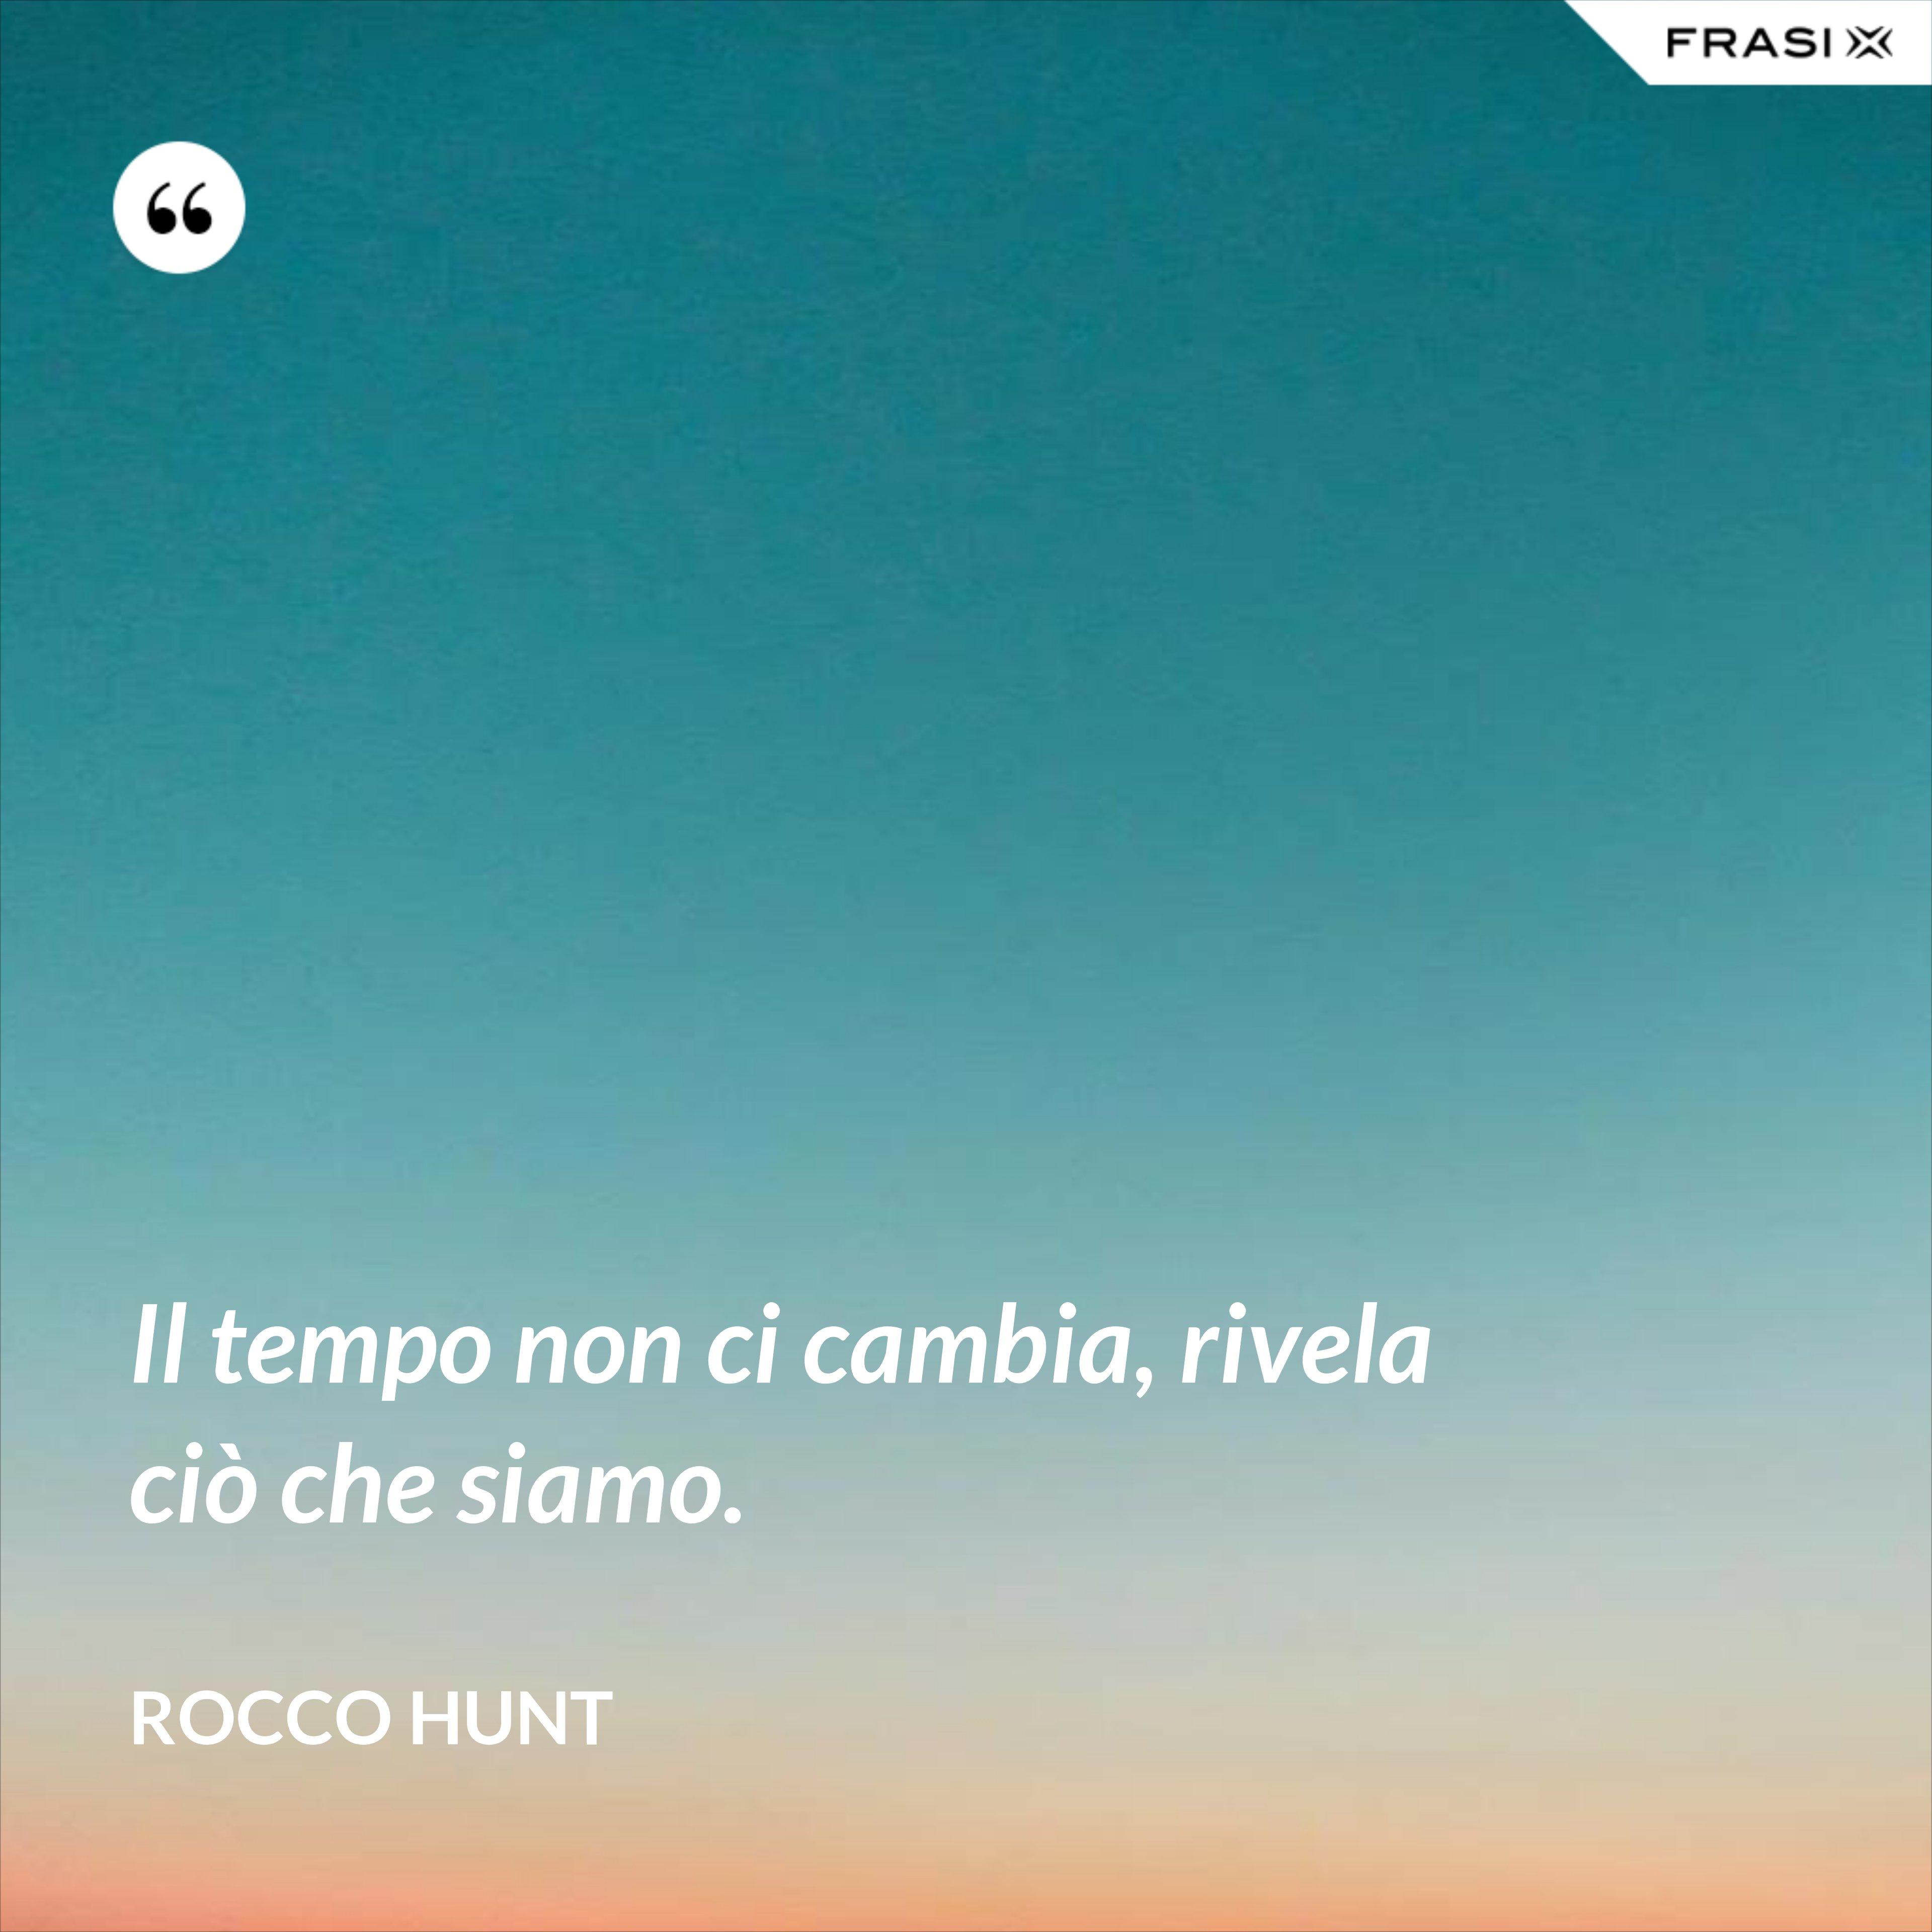 Il tempo non ci cambia, rivela ciò che siamo. - Rocco Hunt